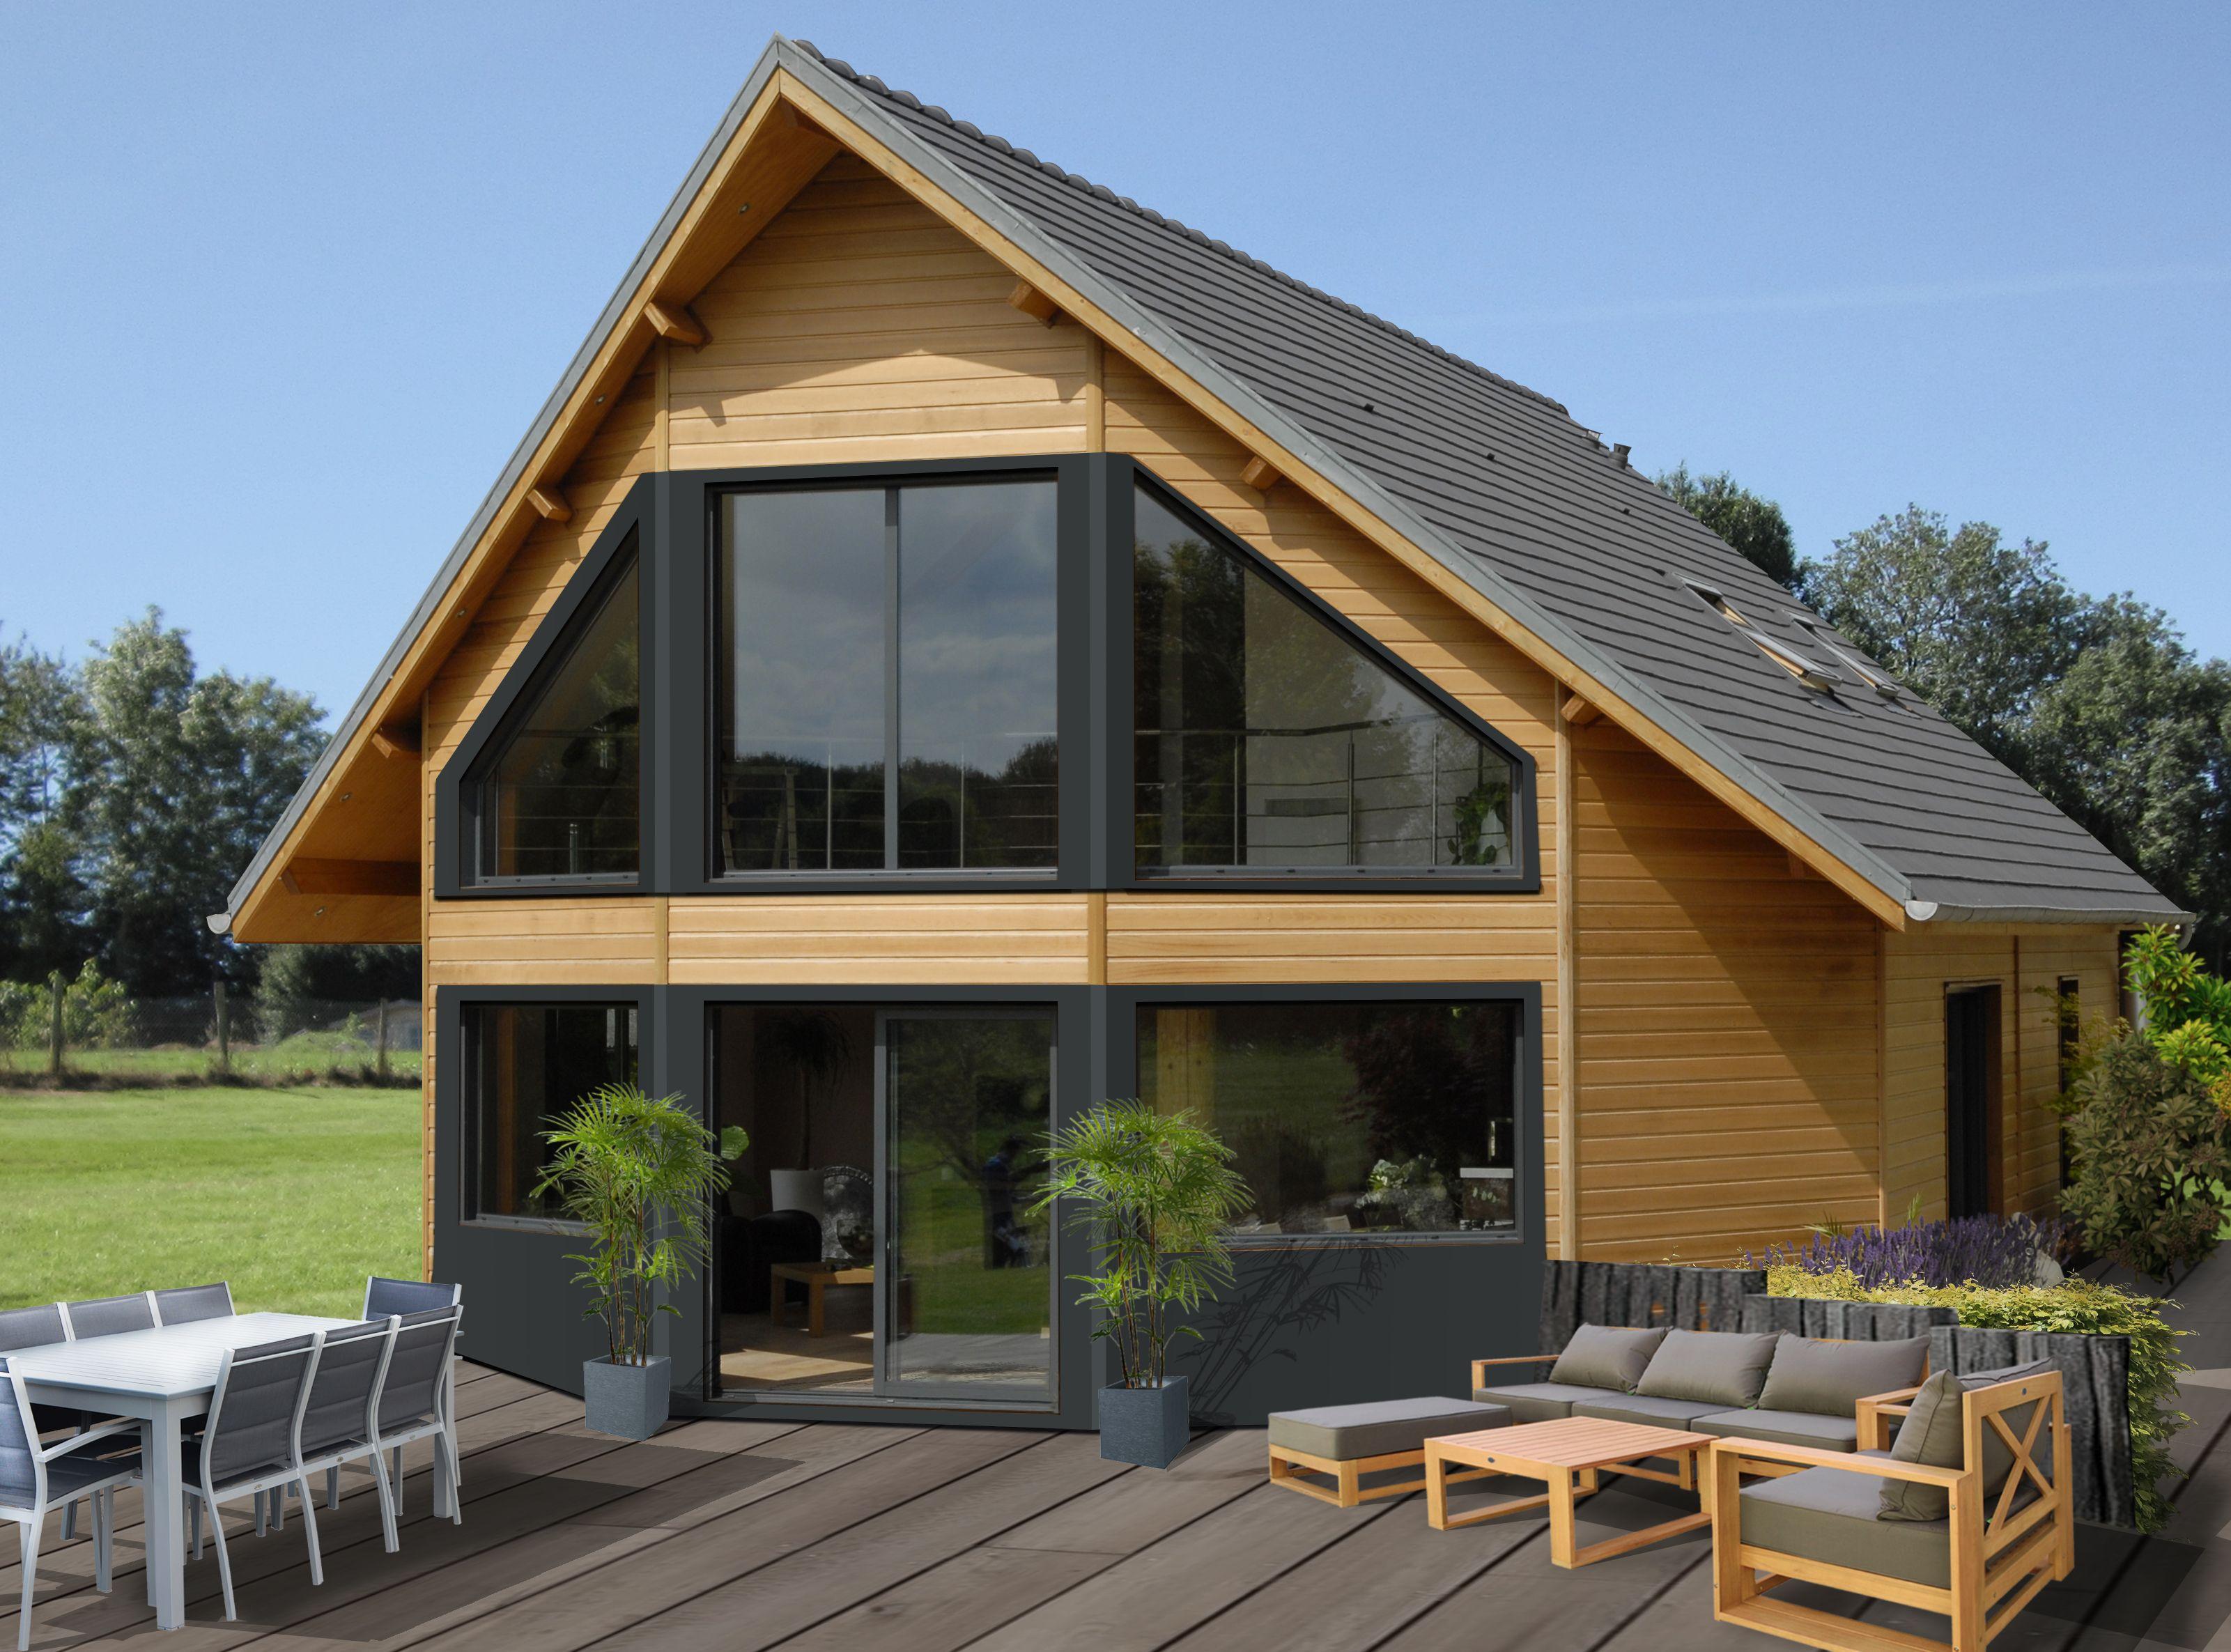 Maison demi-ronde en bois | Plan maison bois, Plan maison ossature bois, Autoconstruction maison ...